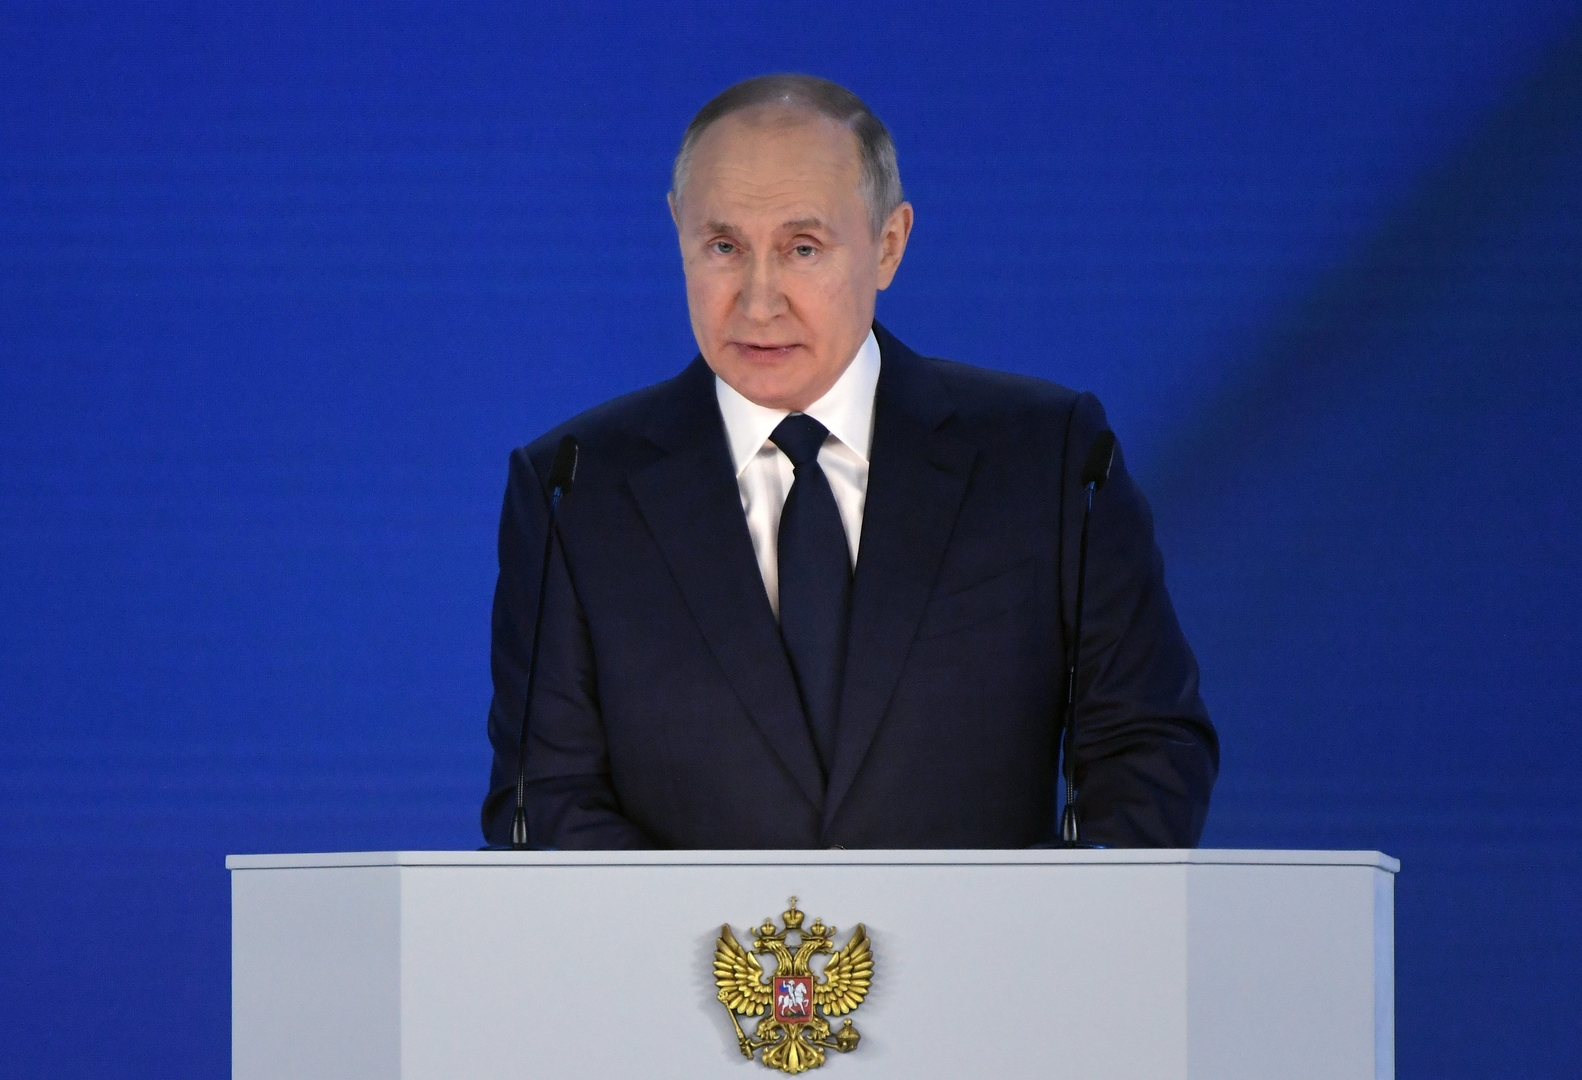 منح مالية لدعم الأسرة وإجراءات لدعم الشركات.. أبرز بنود رسالة بوتين إلى الجمعية الفدرالية